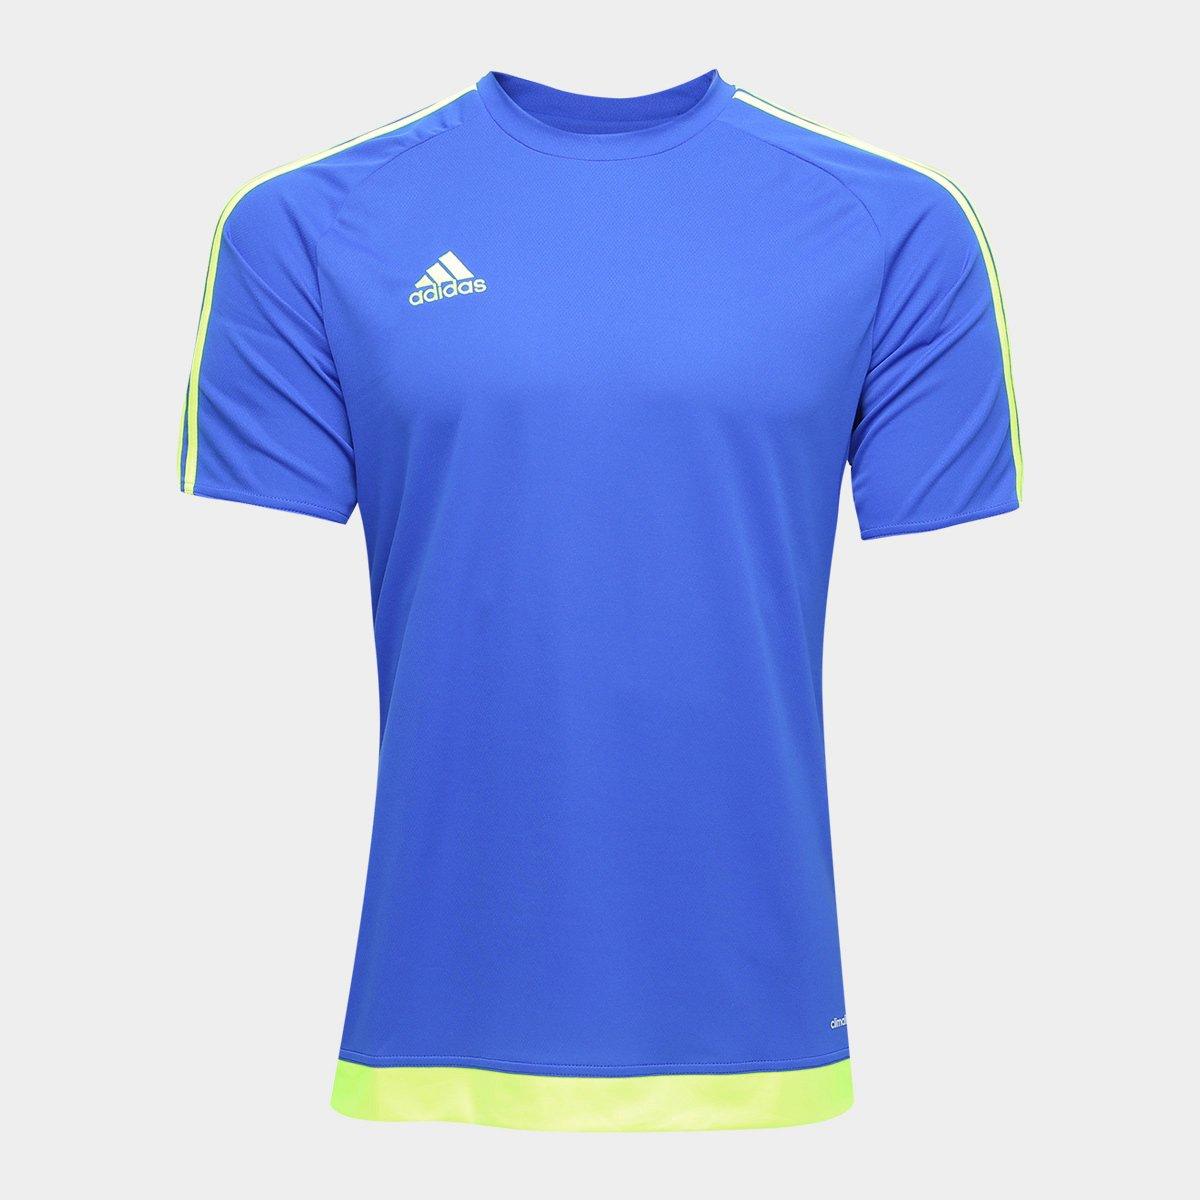 9fb06c981e Camisa Adidas Estro 15 Masculina - Azul Escuro - Compre Agora